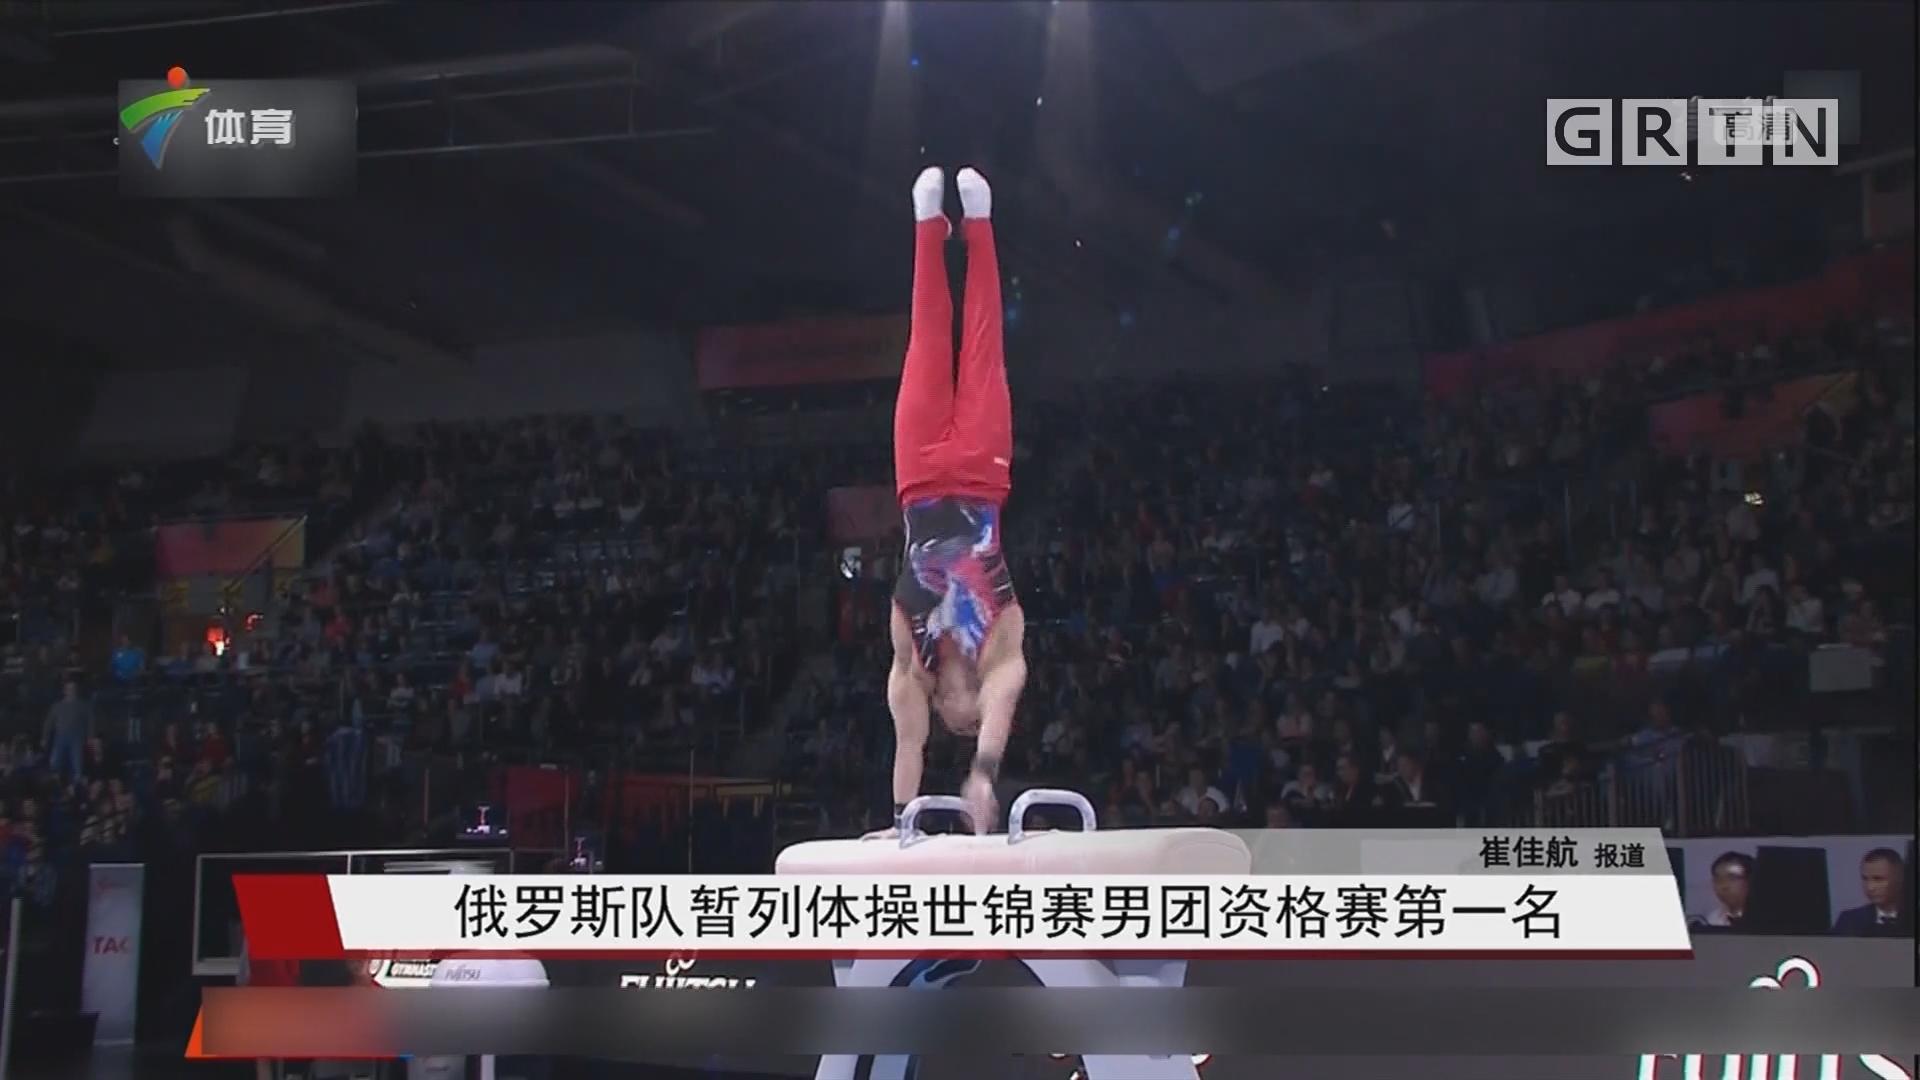 俄罗斯队暂列体操世锦赛男团资格赛第一名